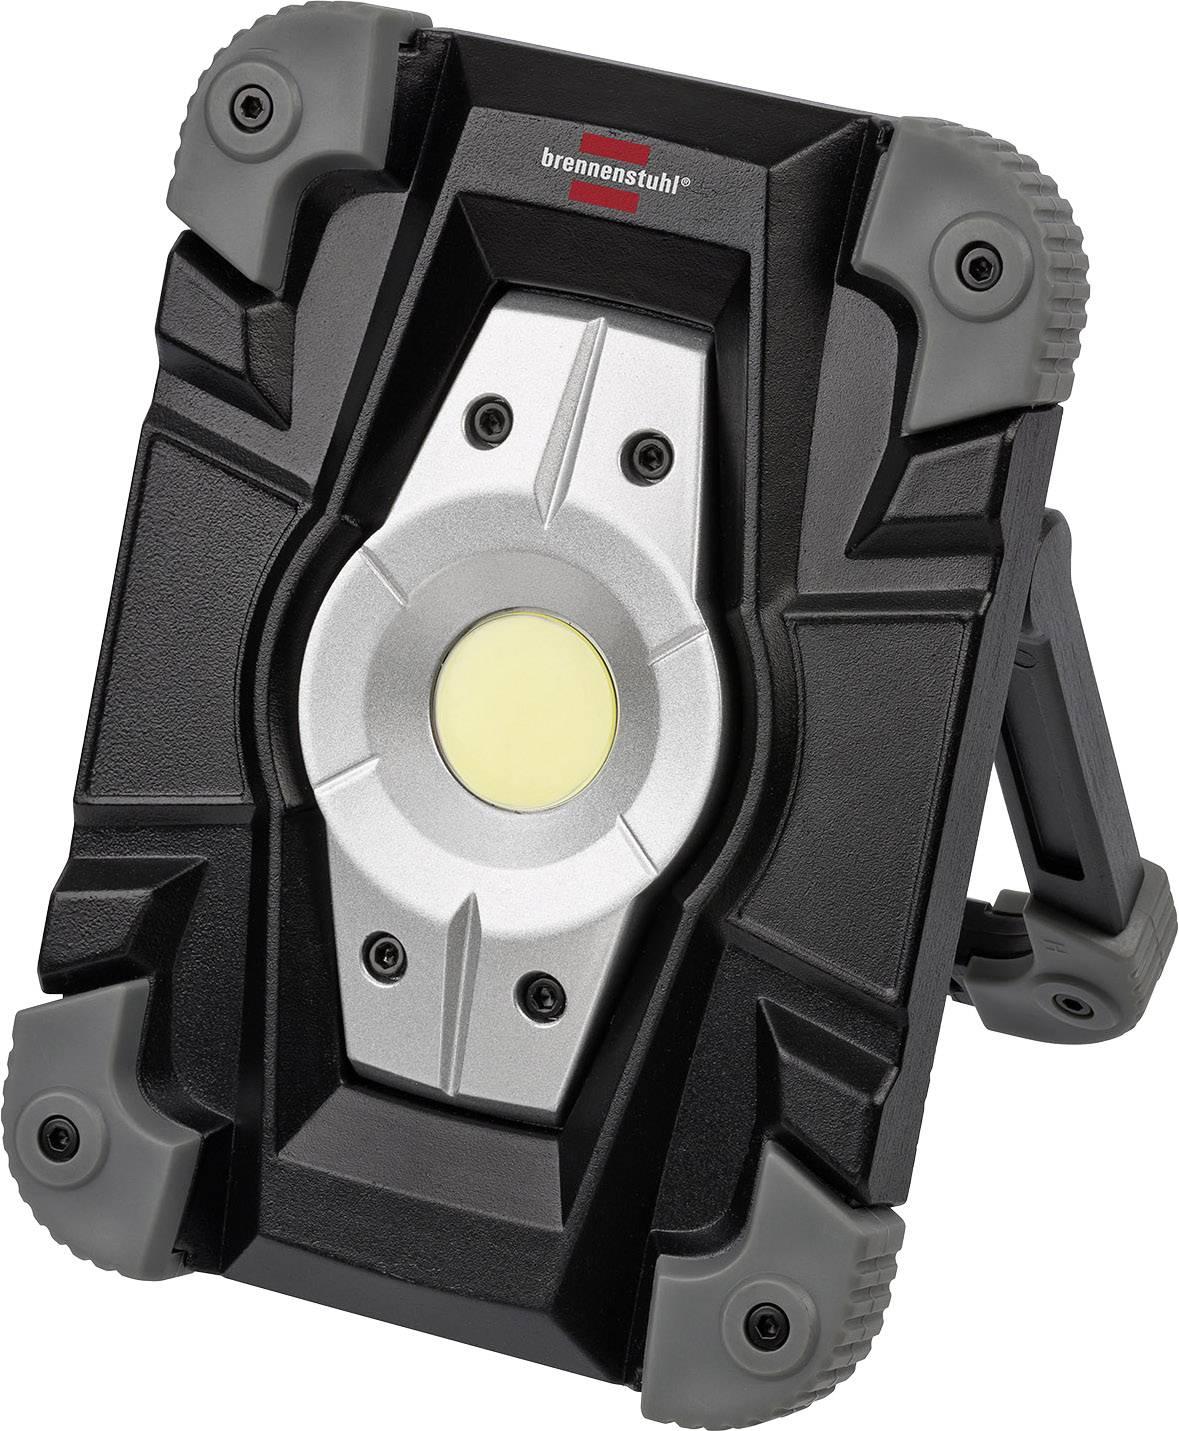 Fräscha LED Arbetslampa Uppladdningsbara batteri Brennenstuhl 1173080 10 W YM-82